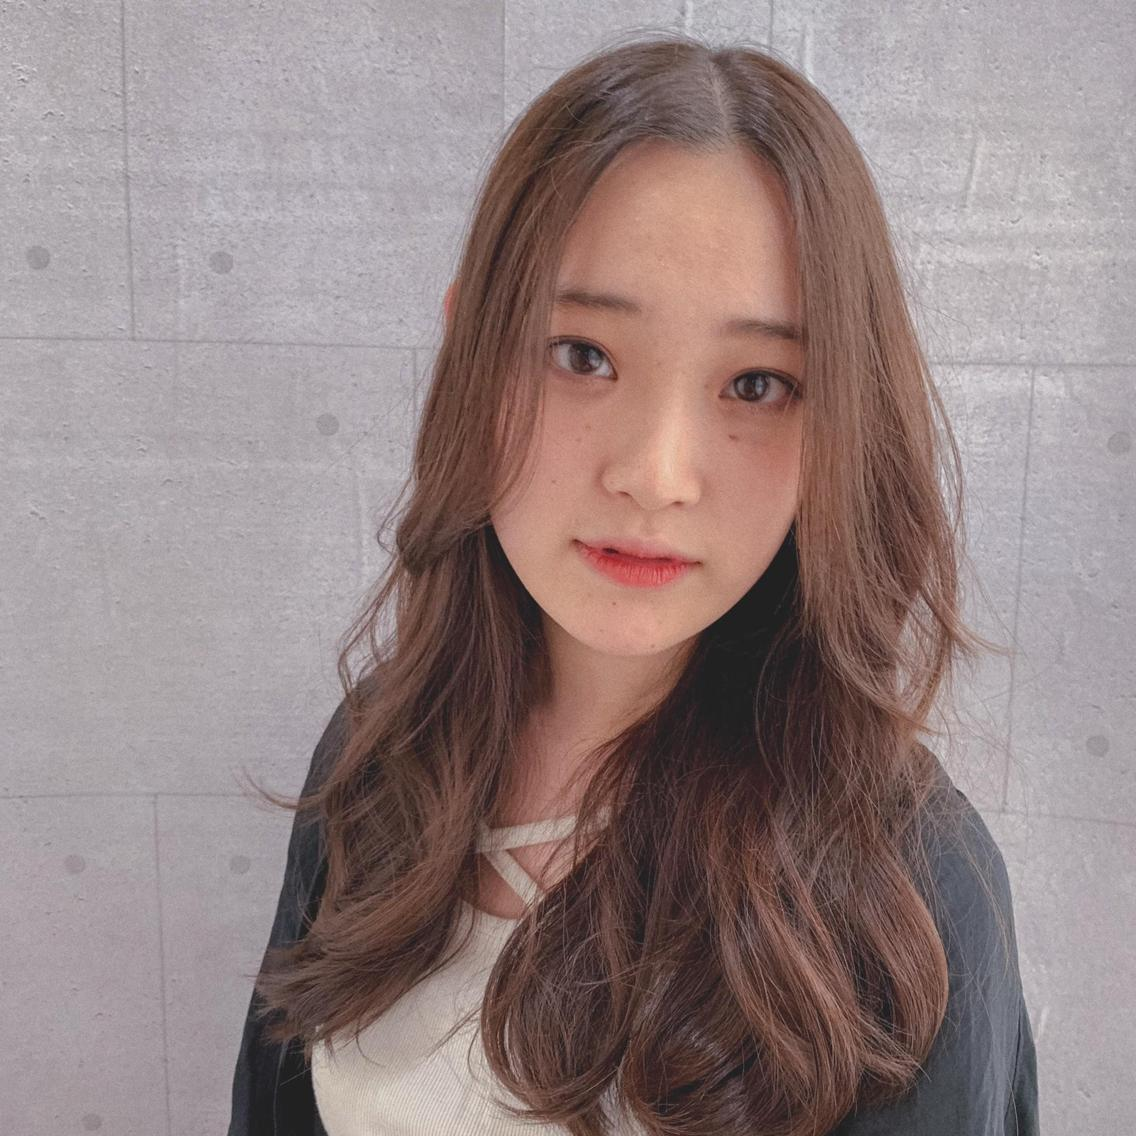 SHRIMP久屋大通店所属・SHRIMP 📈ツゲ📈の掲載